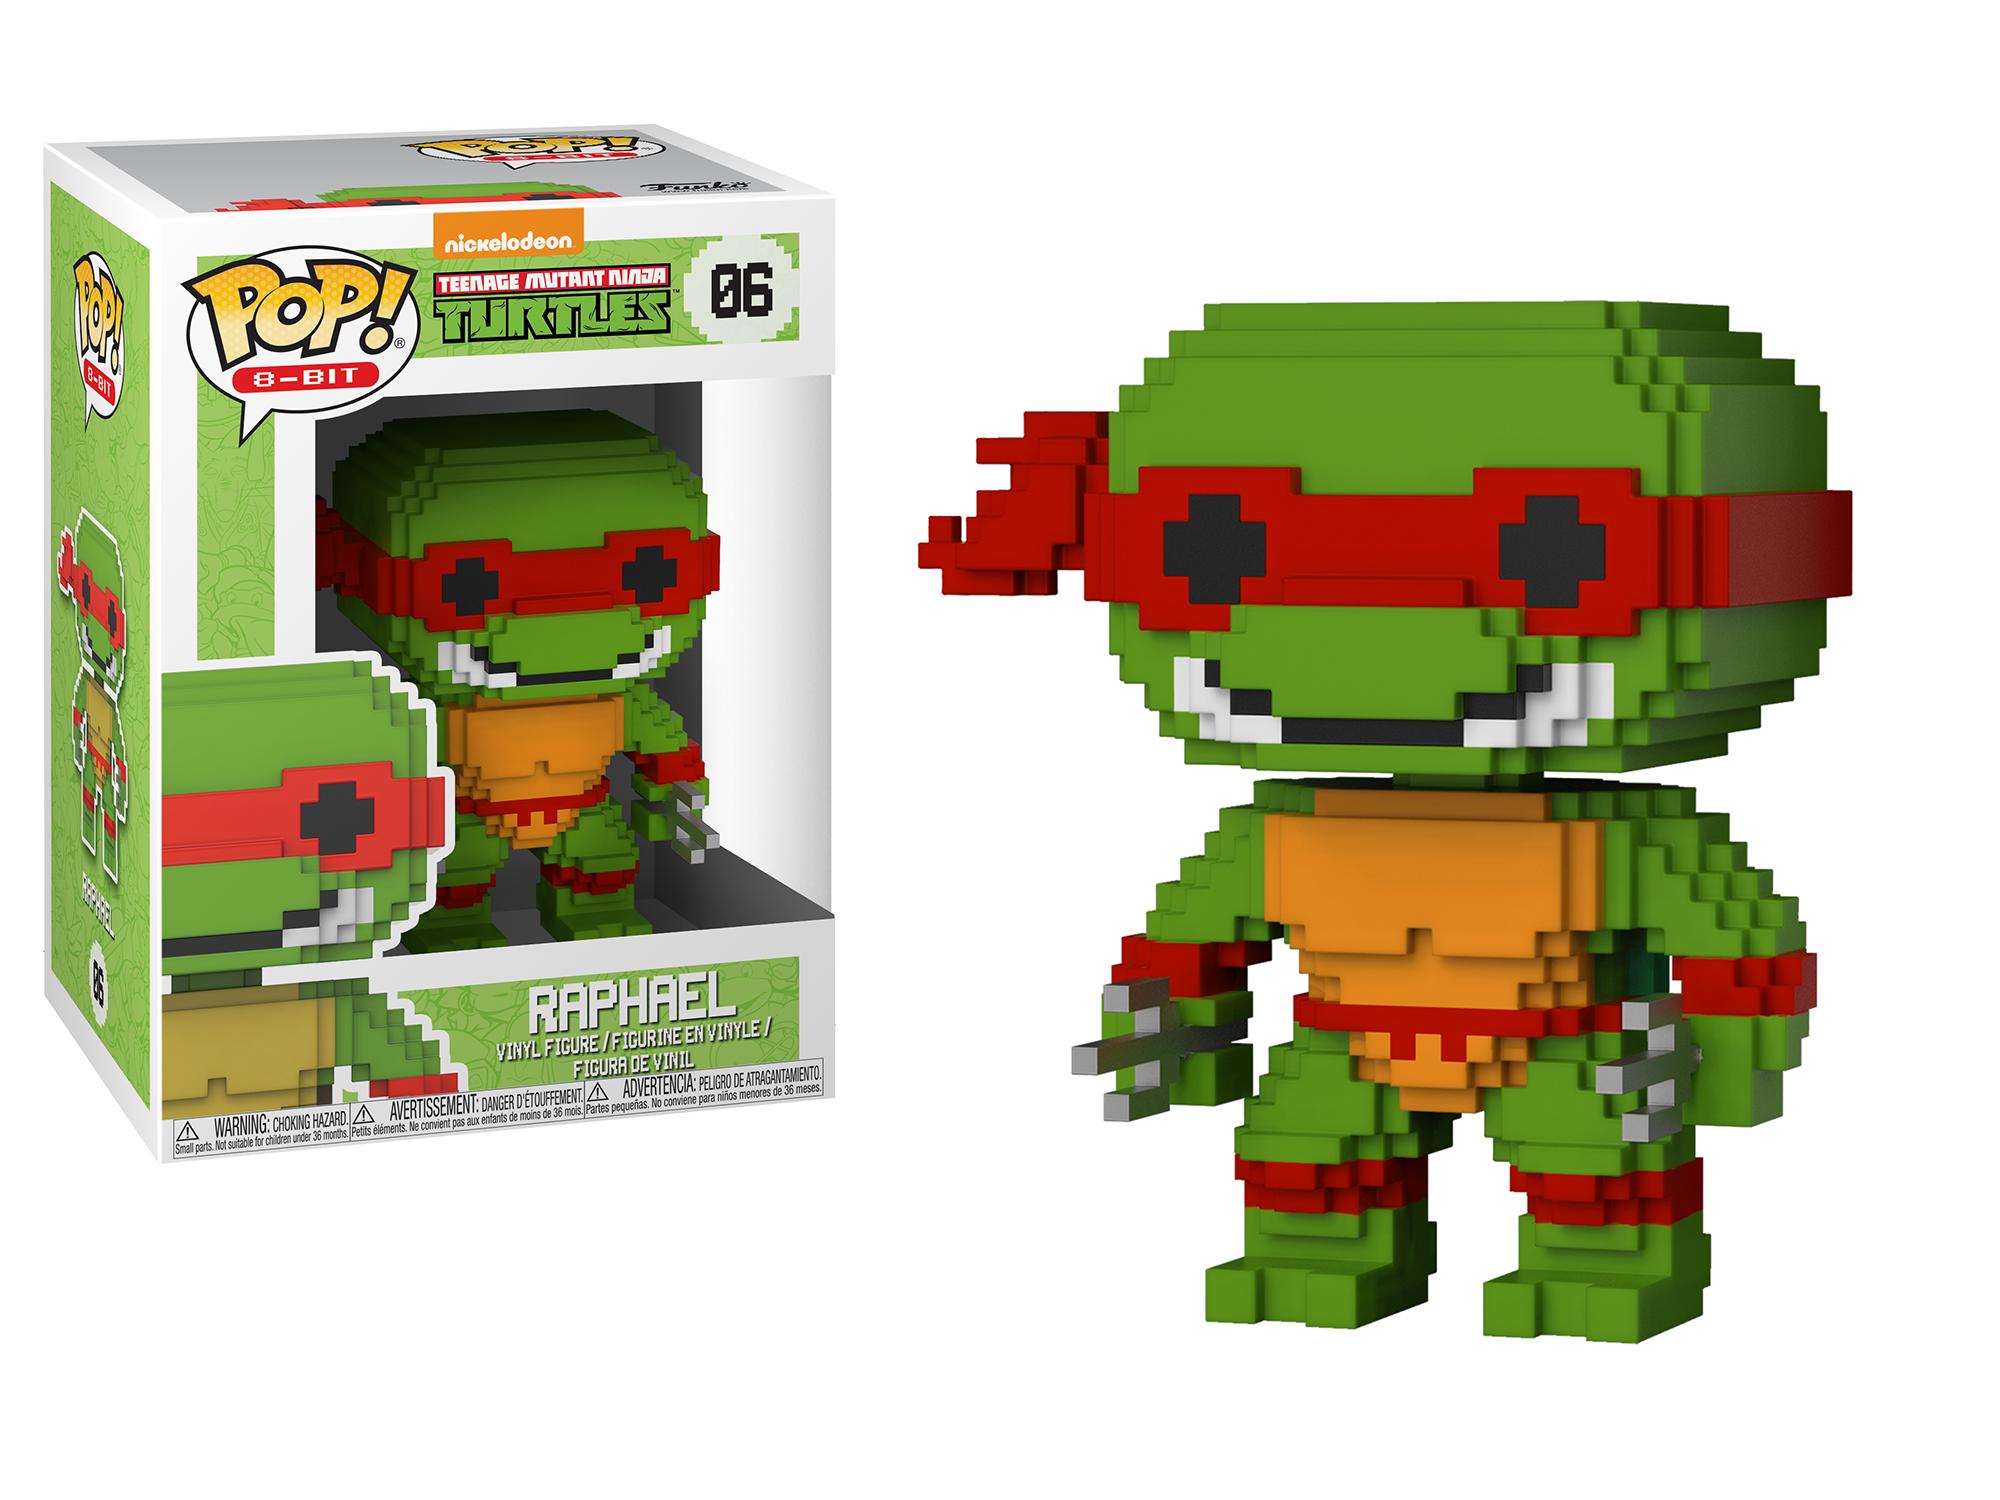 Funko Pop 8-Bit: Teenage Mutant Ninja Turtles - Raphael